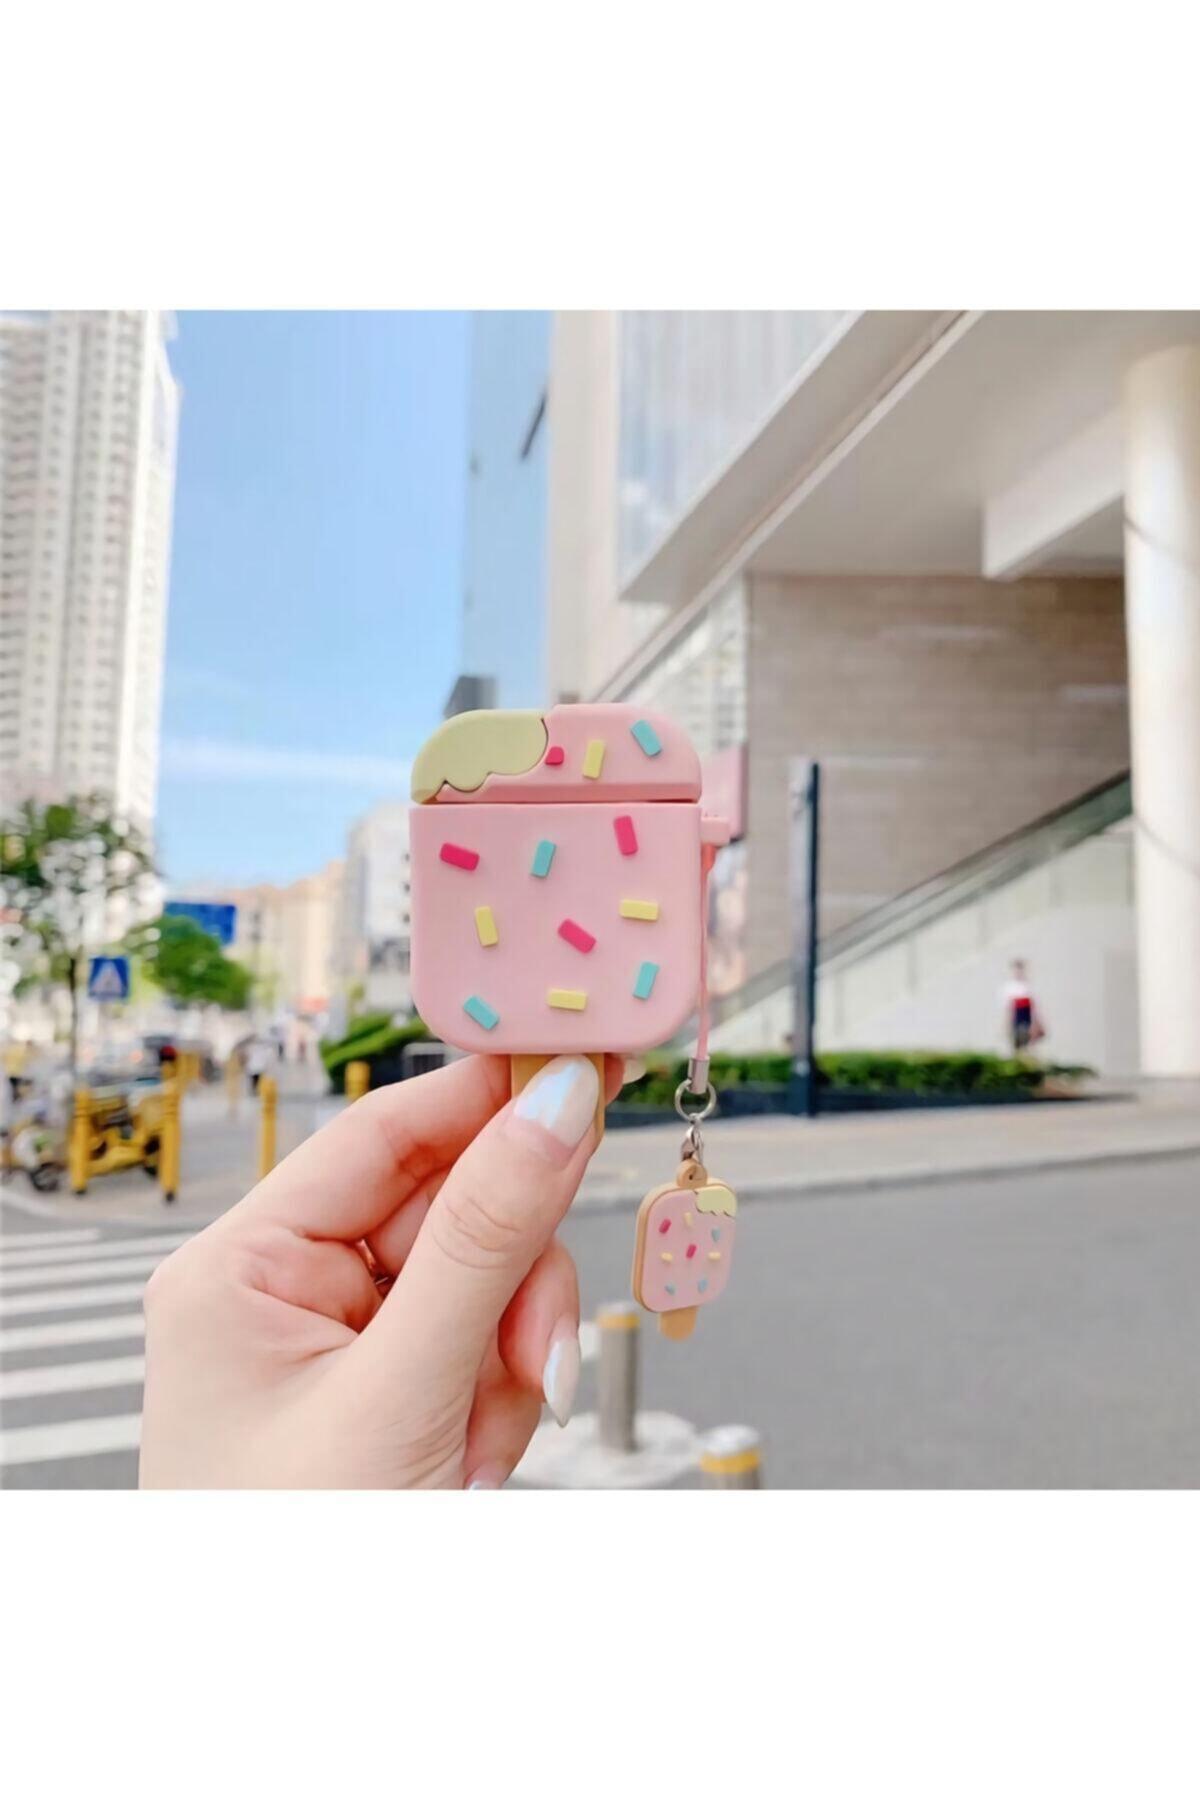 MY MÜRDÜM Apple Airpods Sevimli Çubuk Dondurma Kılıf 1 Ve 2. Nesil 1